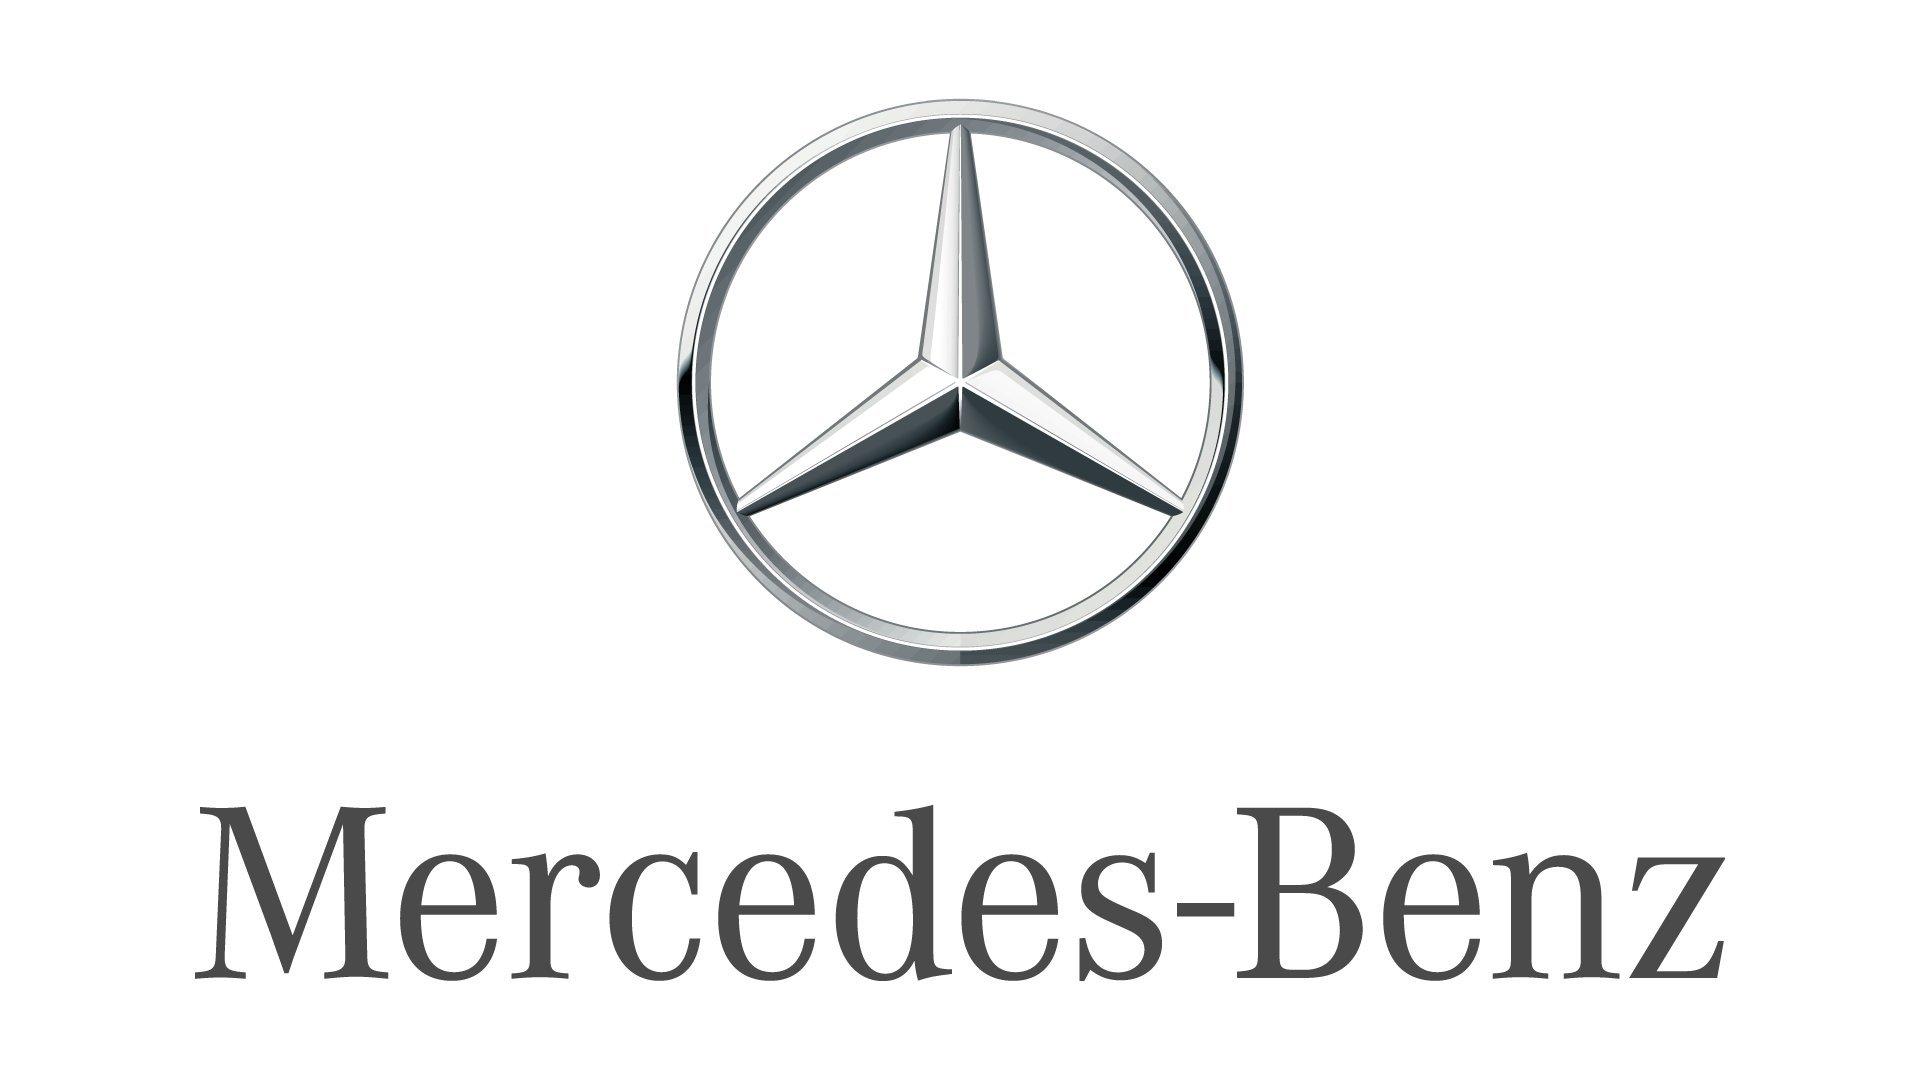 Genuine Mercedes-Benz Pedestrian Spkr 451-900-49-02